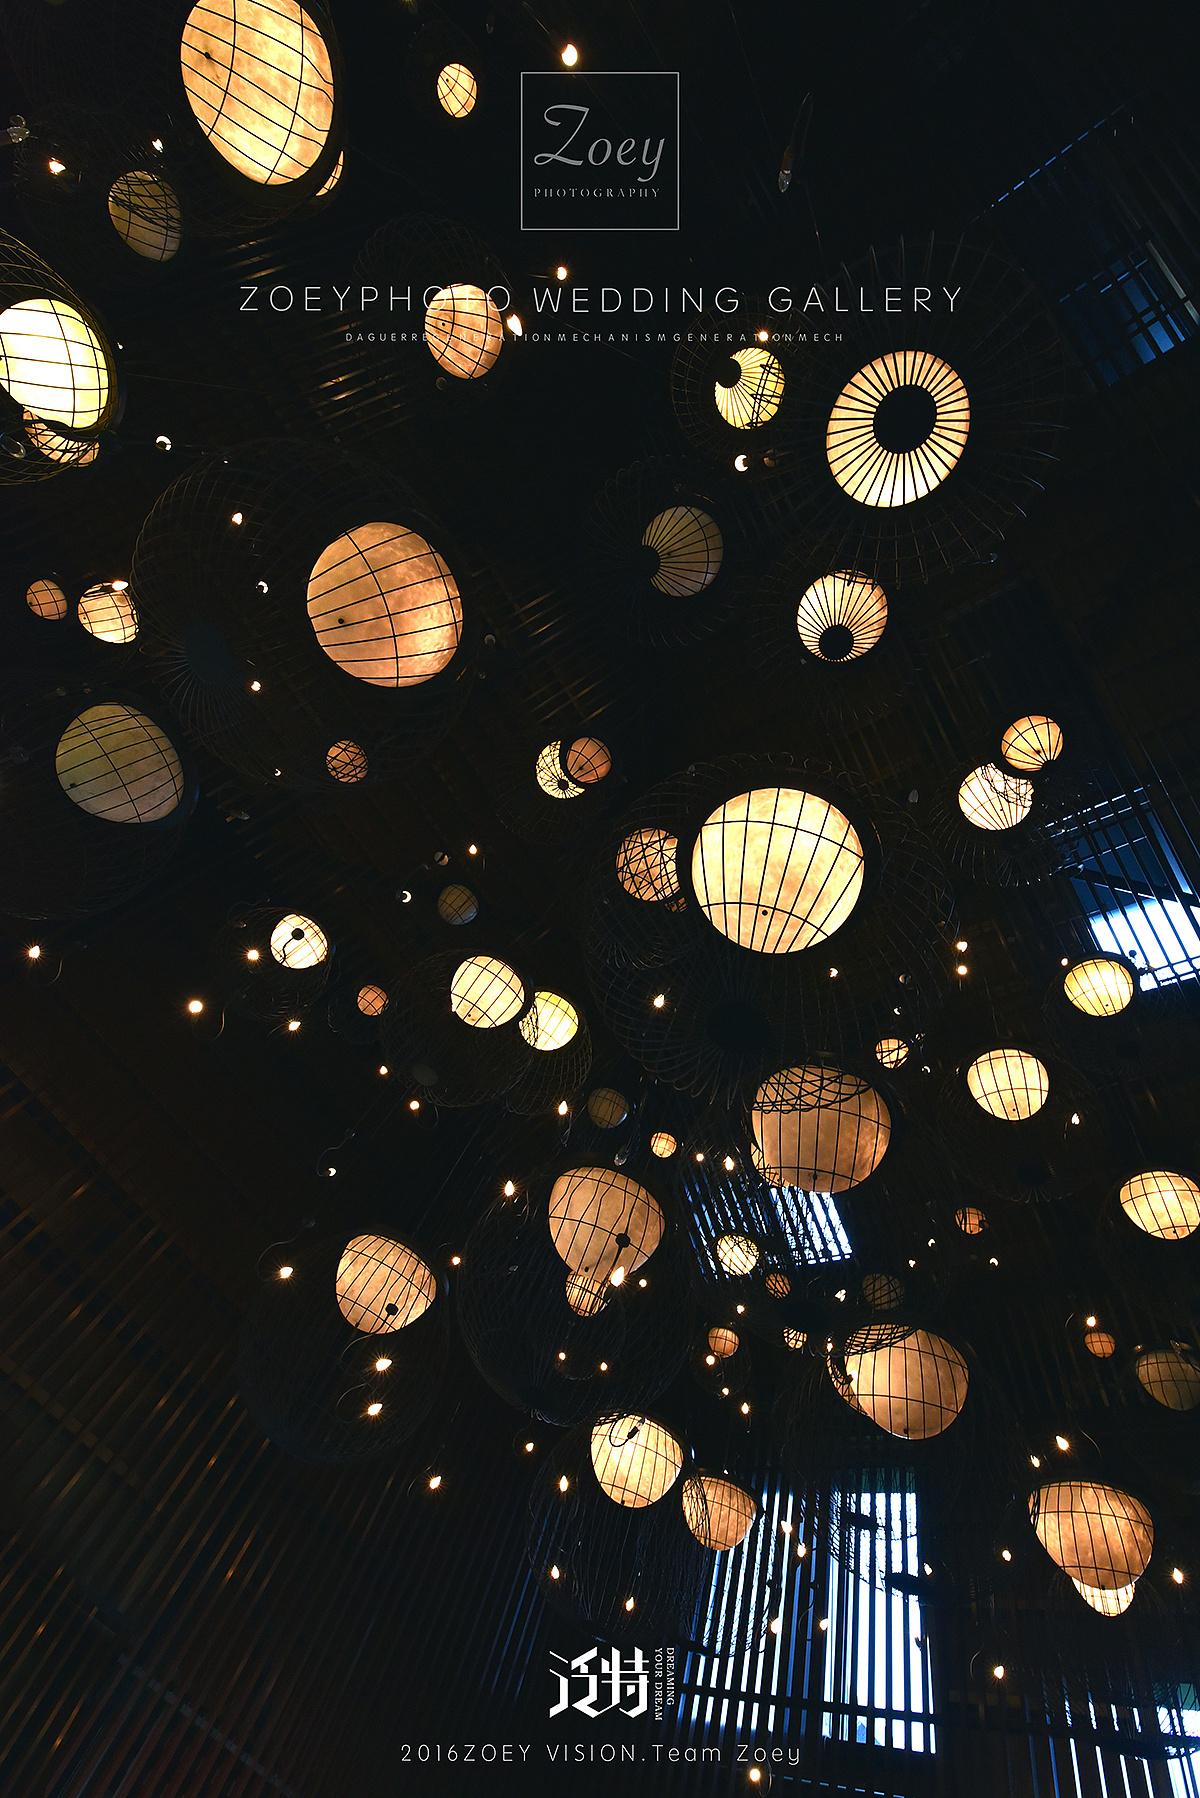 威斯汀中国元素餐厅婚礼